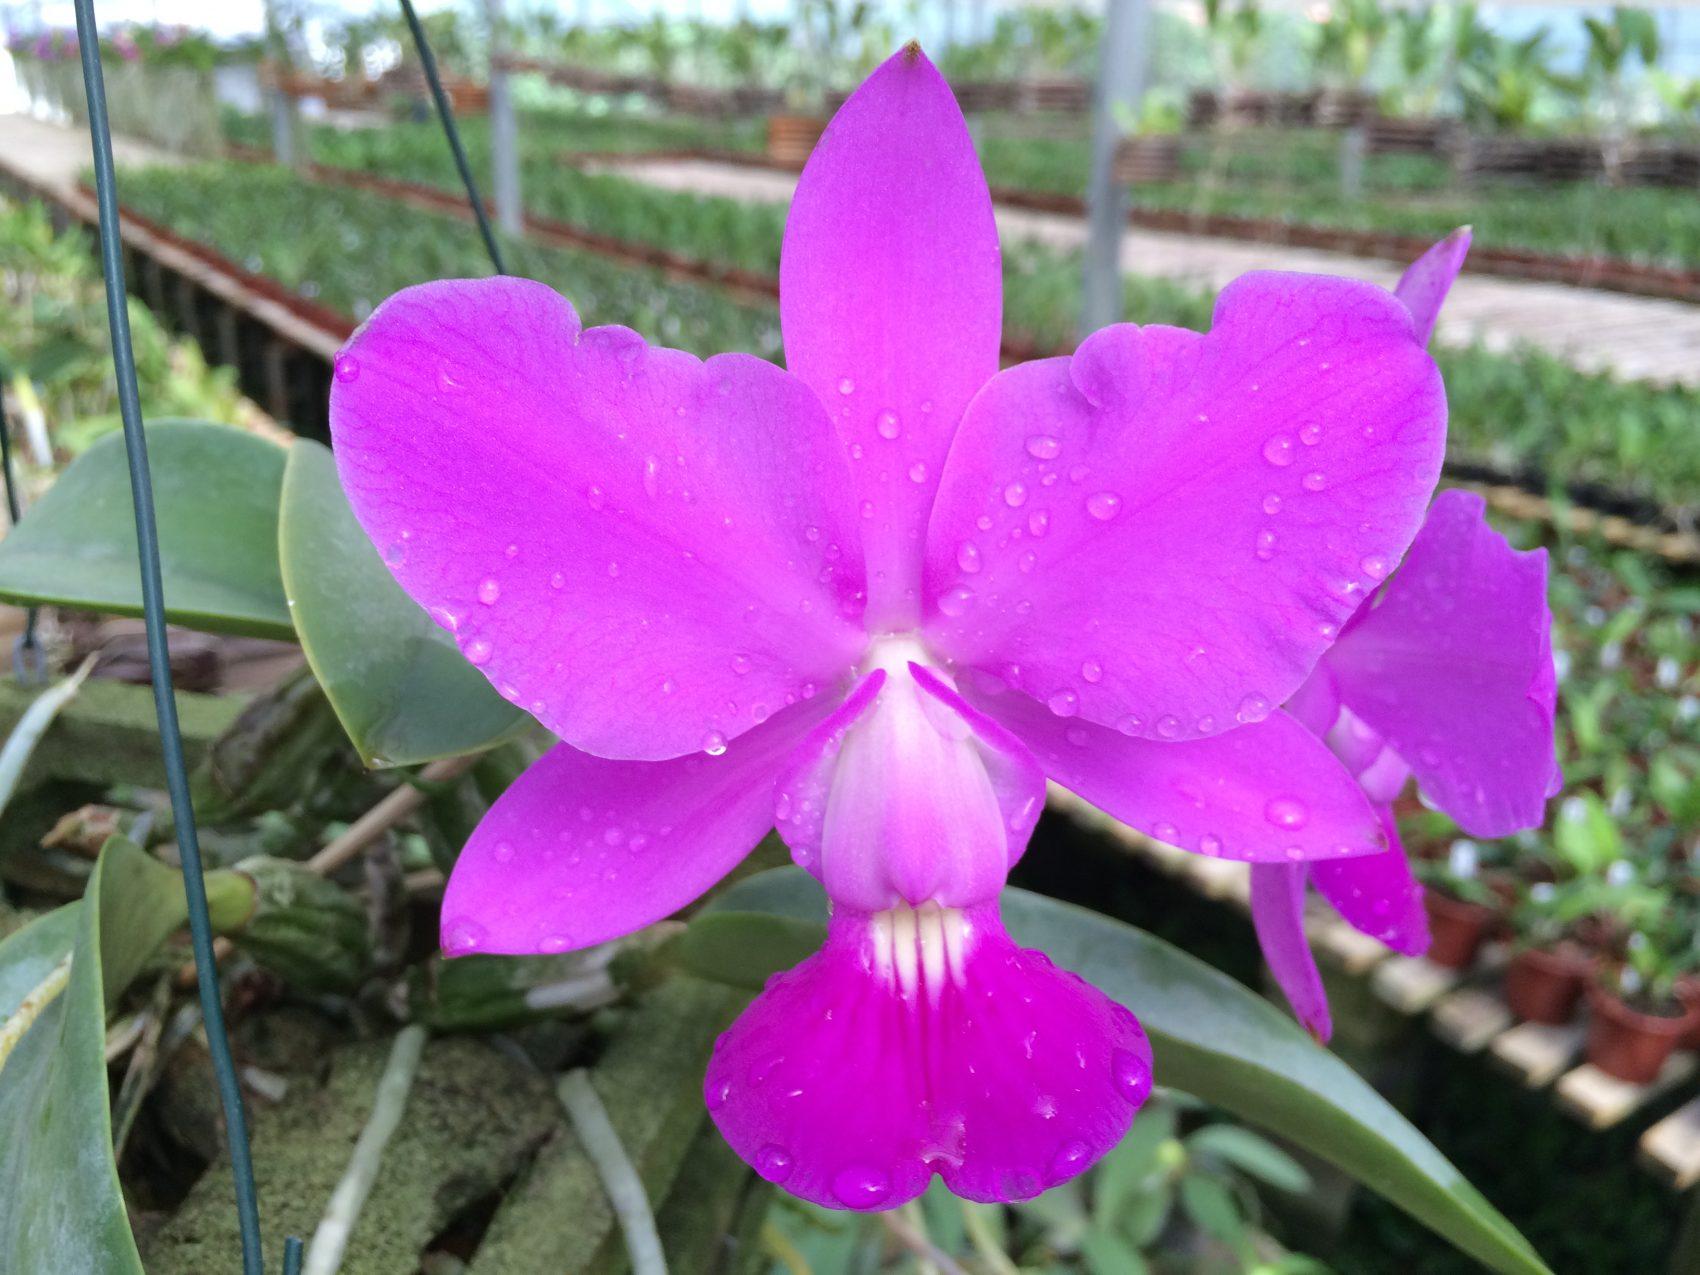 Orquídea: cuidados especiais para cultivar podem ser aprendidos em evento no Jardim Botânico (Foto: Divulgação)